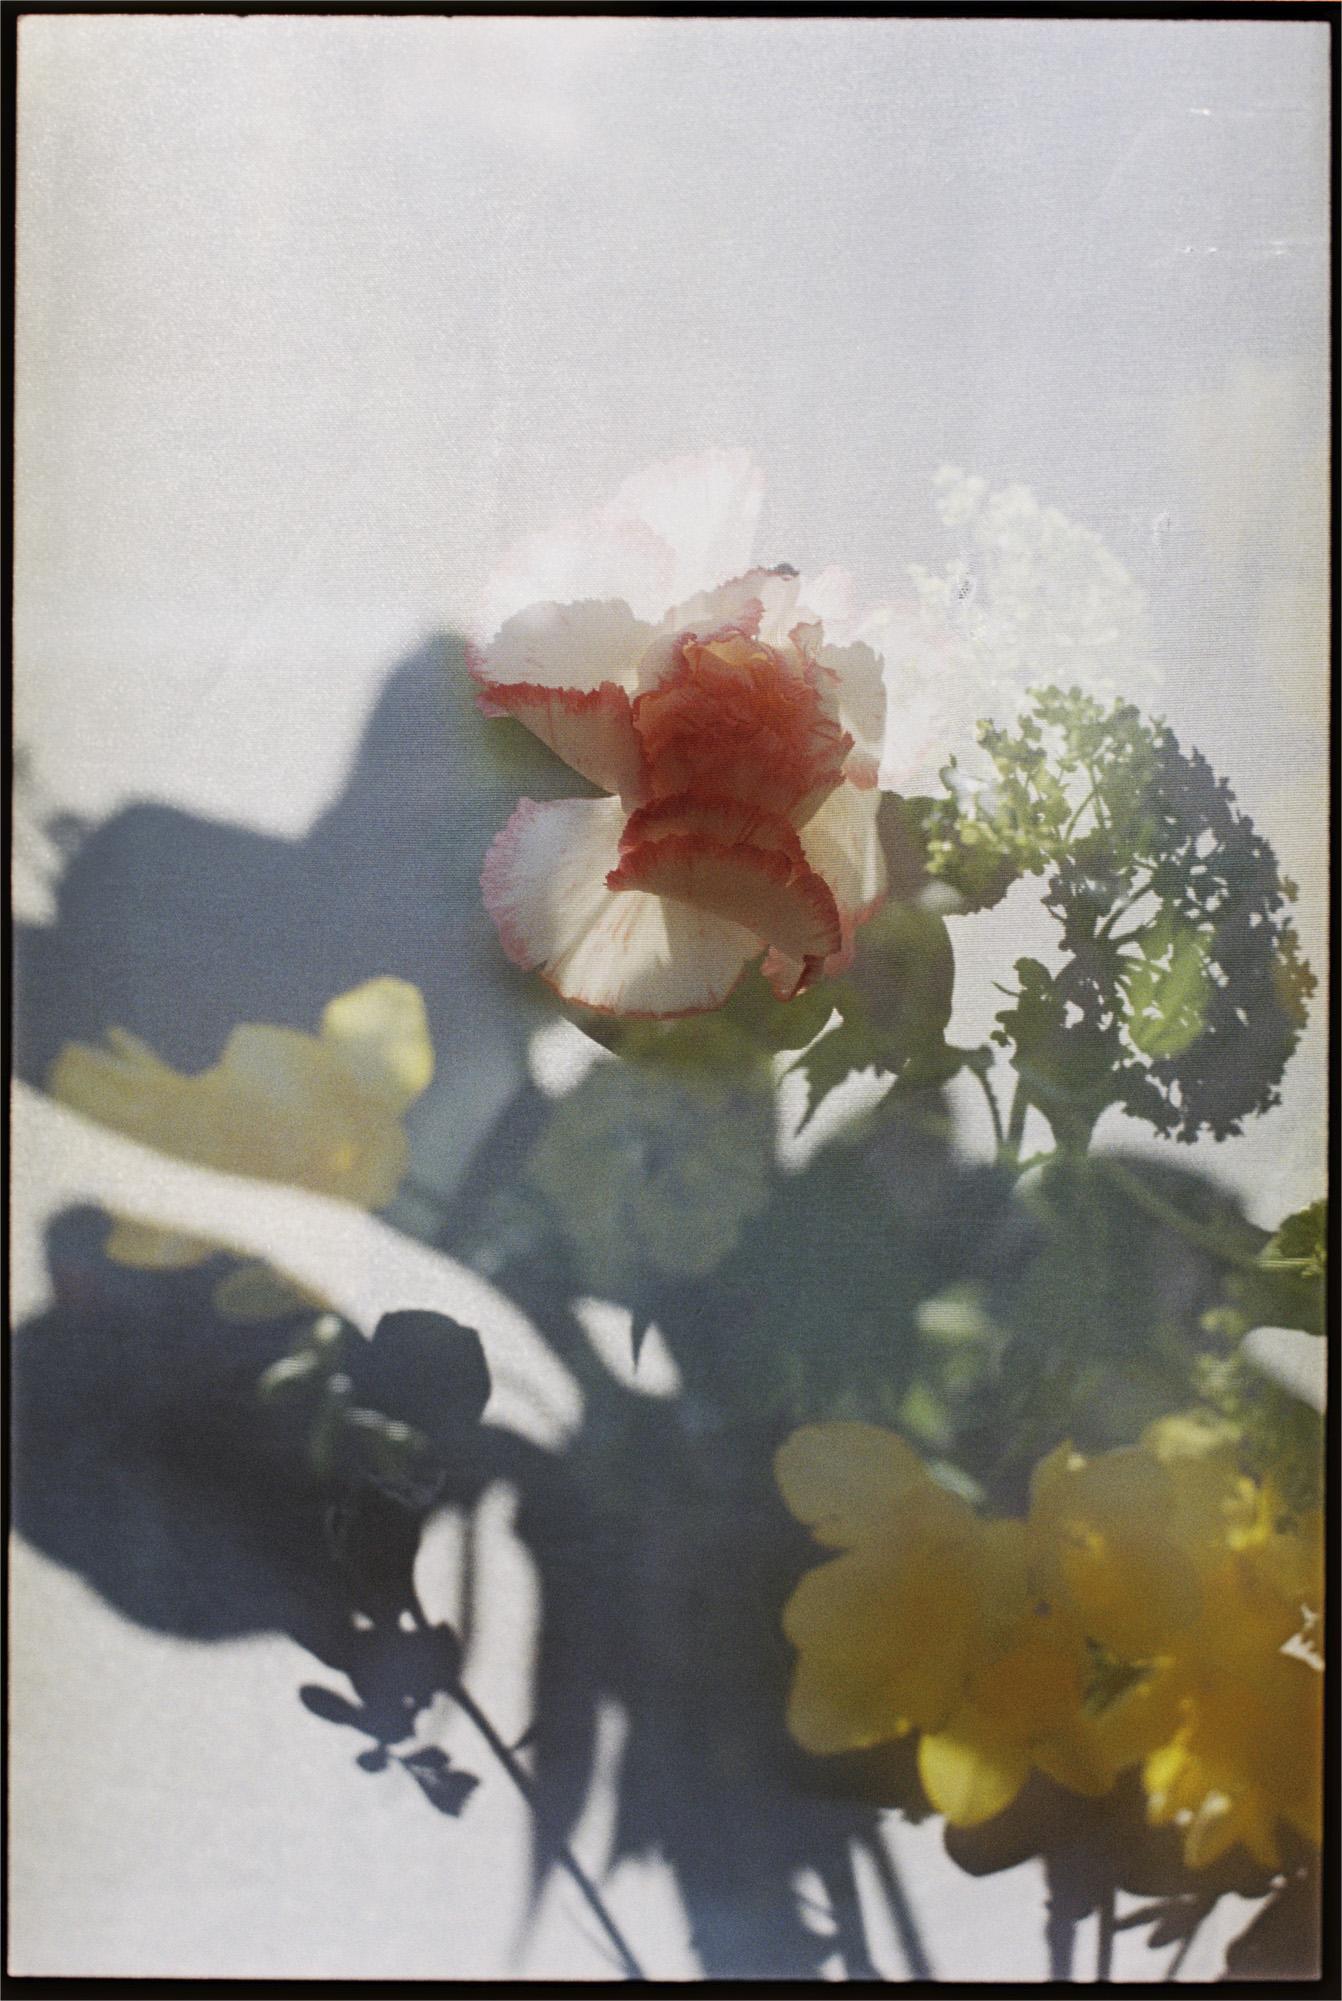 Annelie-Bruijn_bloem-1.jpg